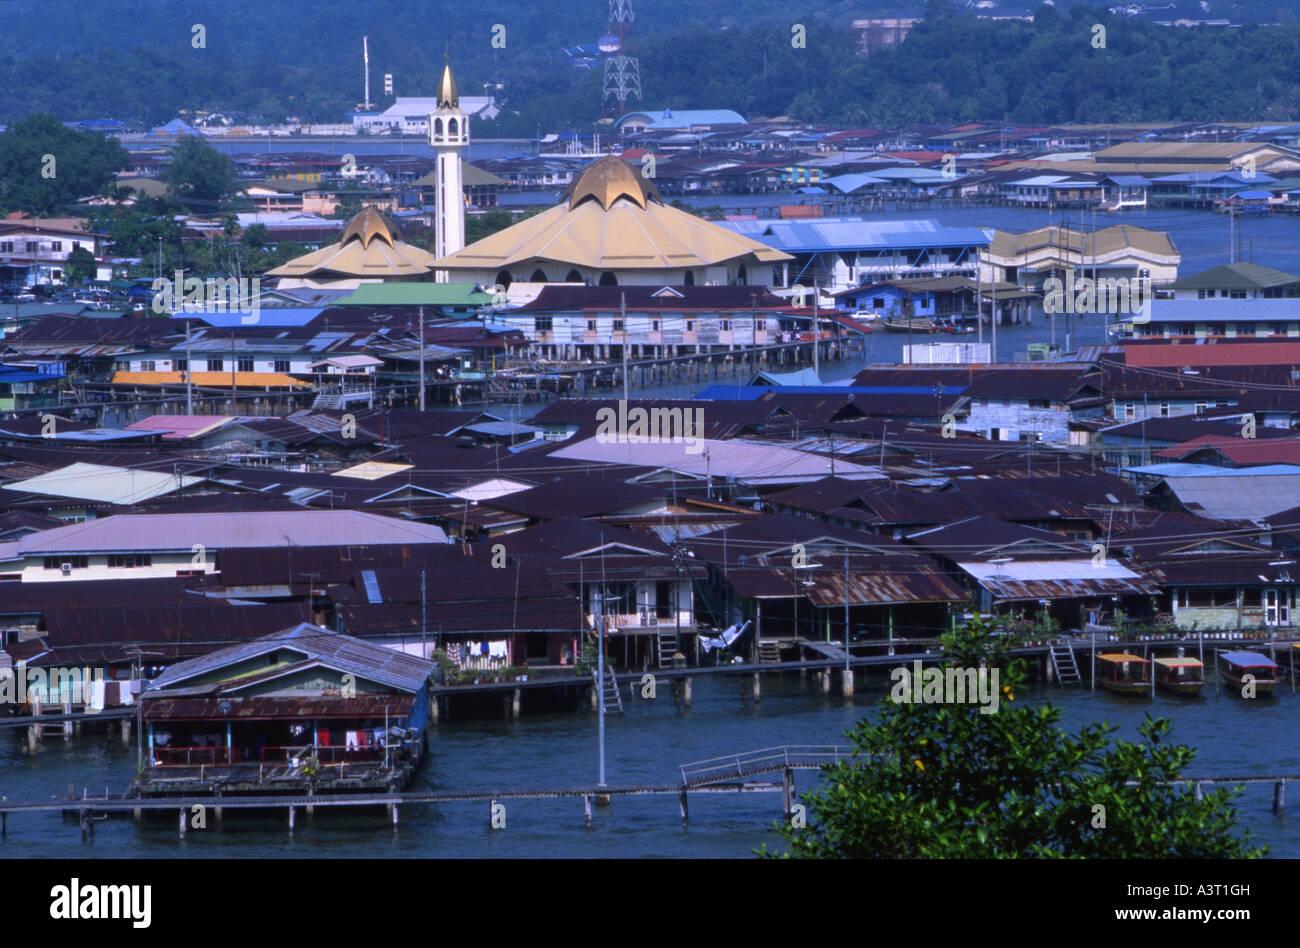 The stilt villages of Kampung Ayer on the Brunei River in Bandar Seri Begawan Brunei - Stock Image